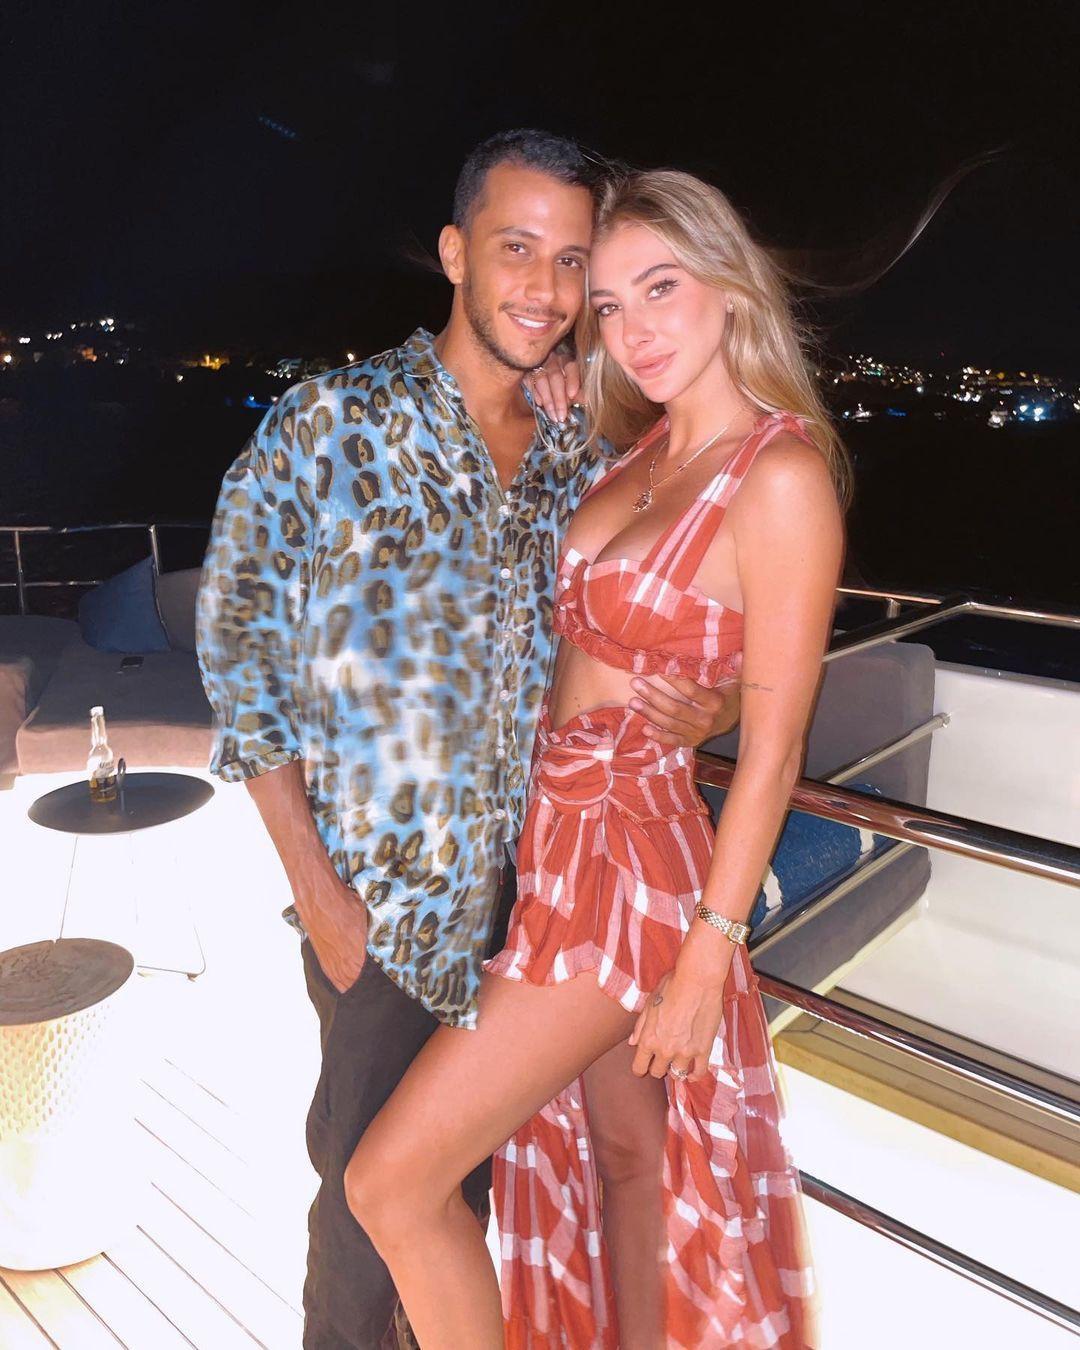 Şeyma Subaşı ve sevgilisi Mısır'da aşka geldi! Plajda öpüştükleri anları paylaştı... - Sayfa 1